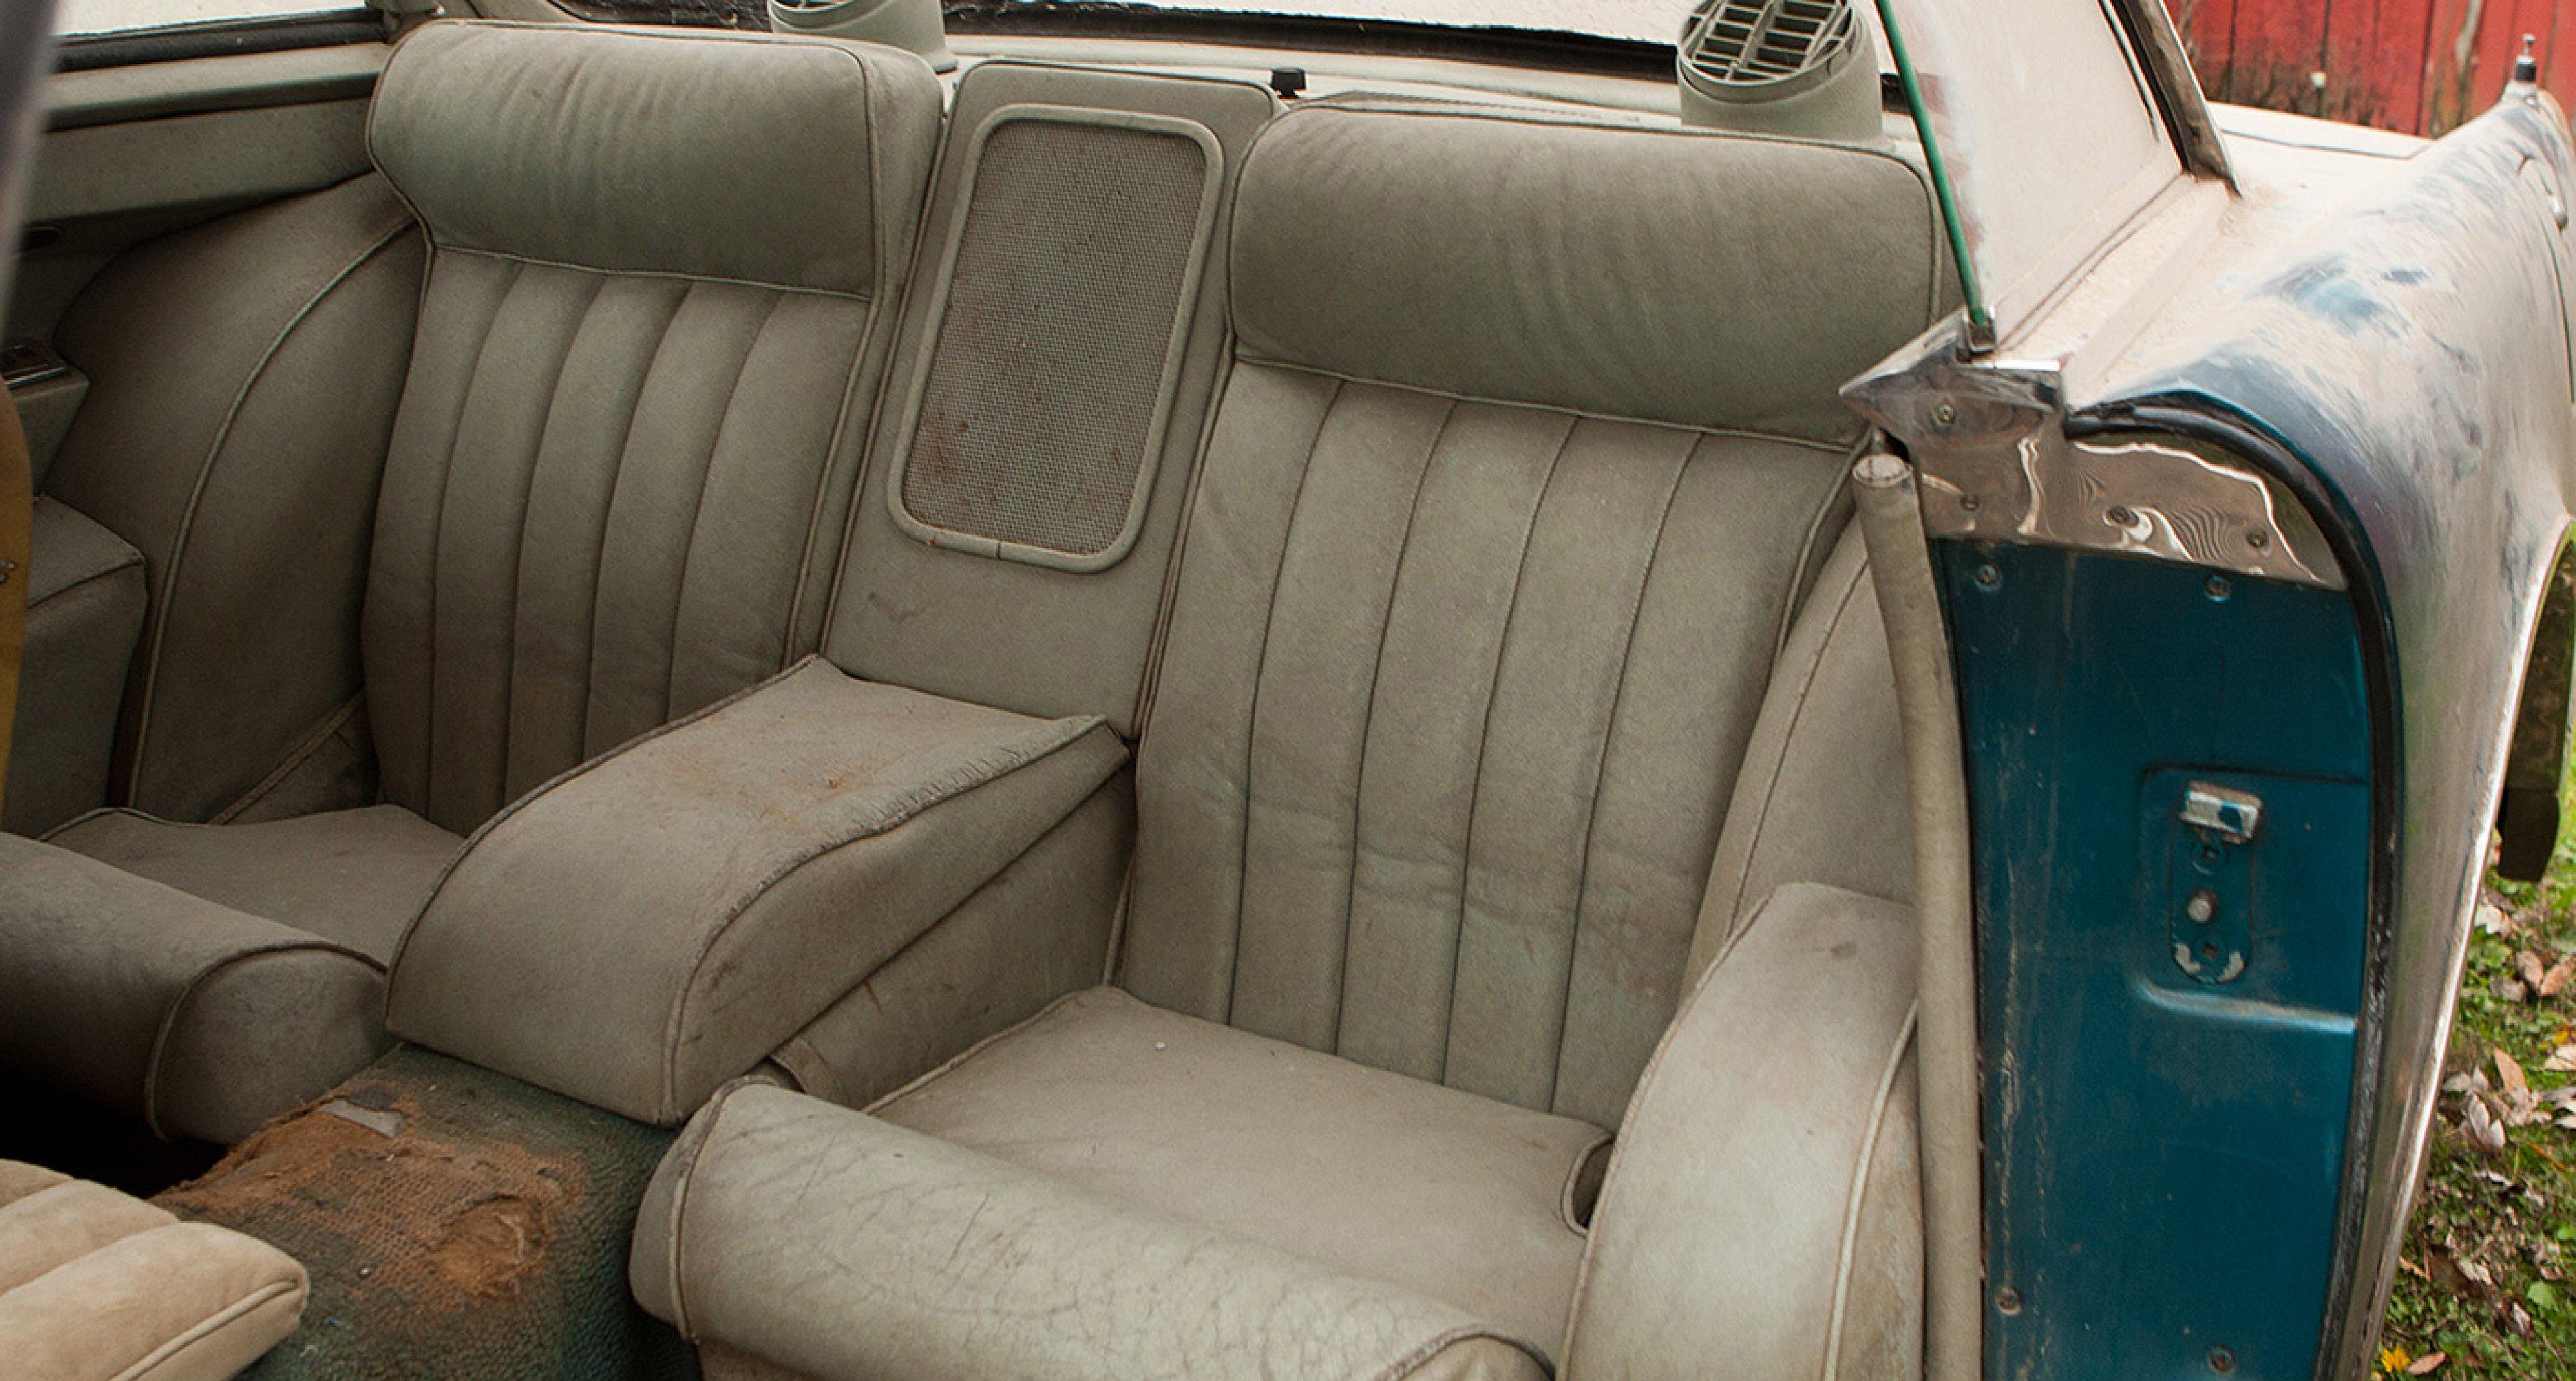 1962 Facel Vega II Coupé fold by Bonhams in February 2014 for €155,250